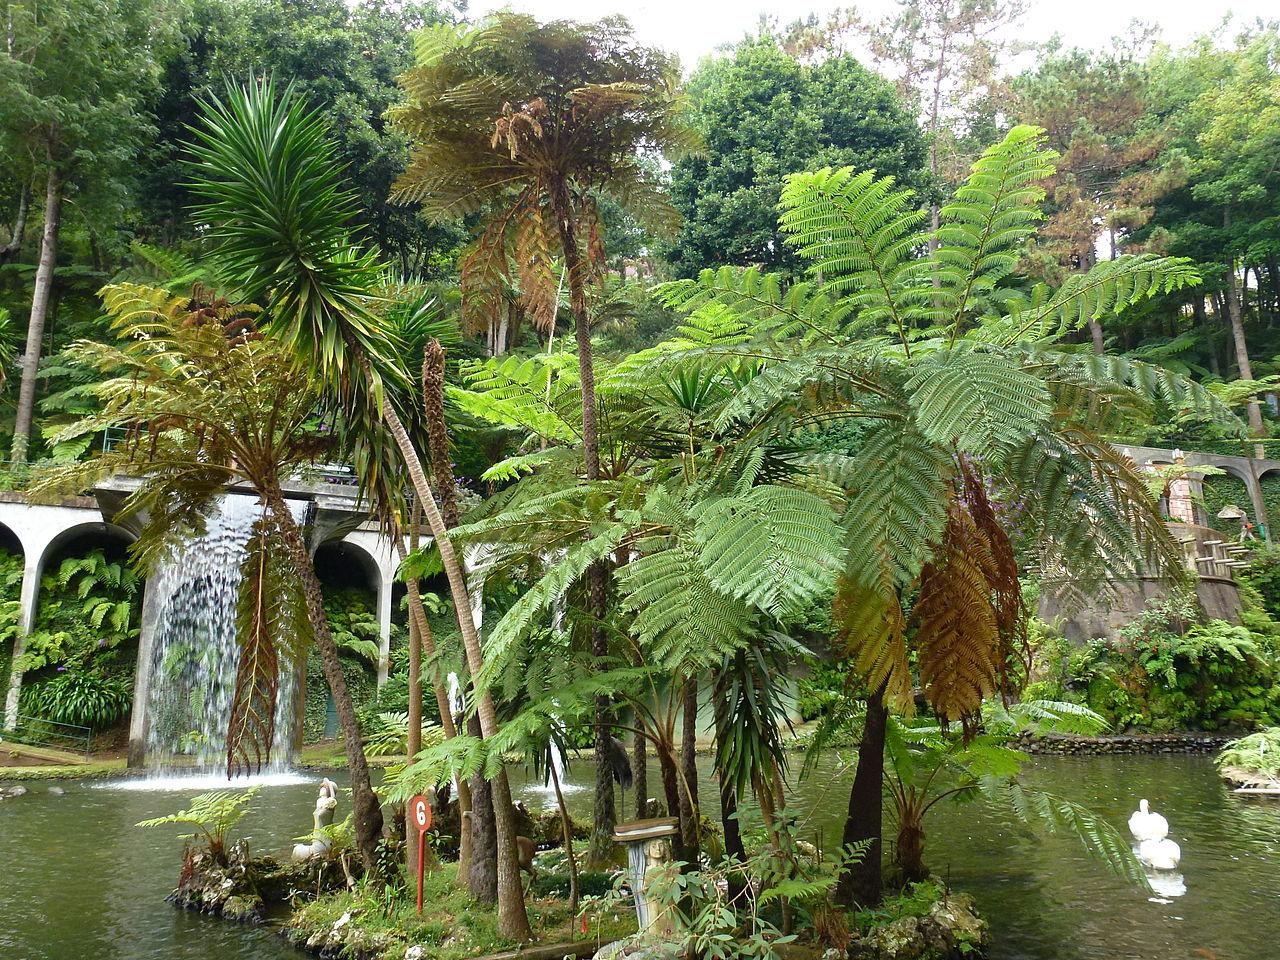 El jardín tropical se caracteriza por tener plantas exóticas